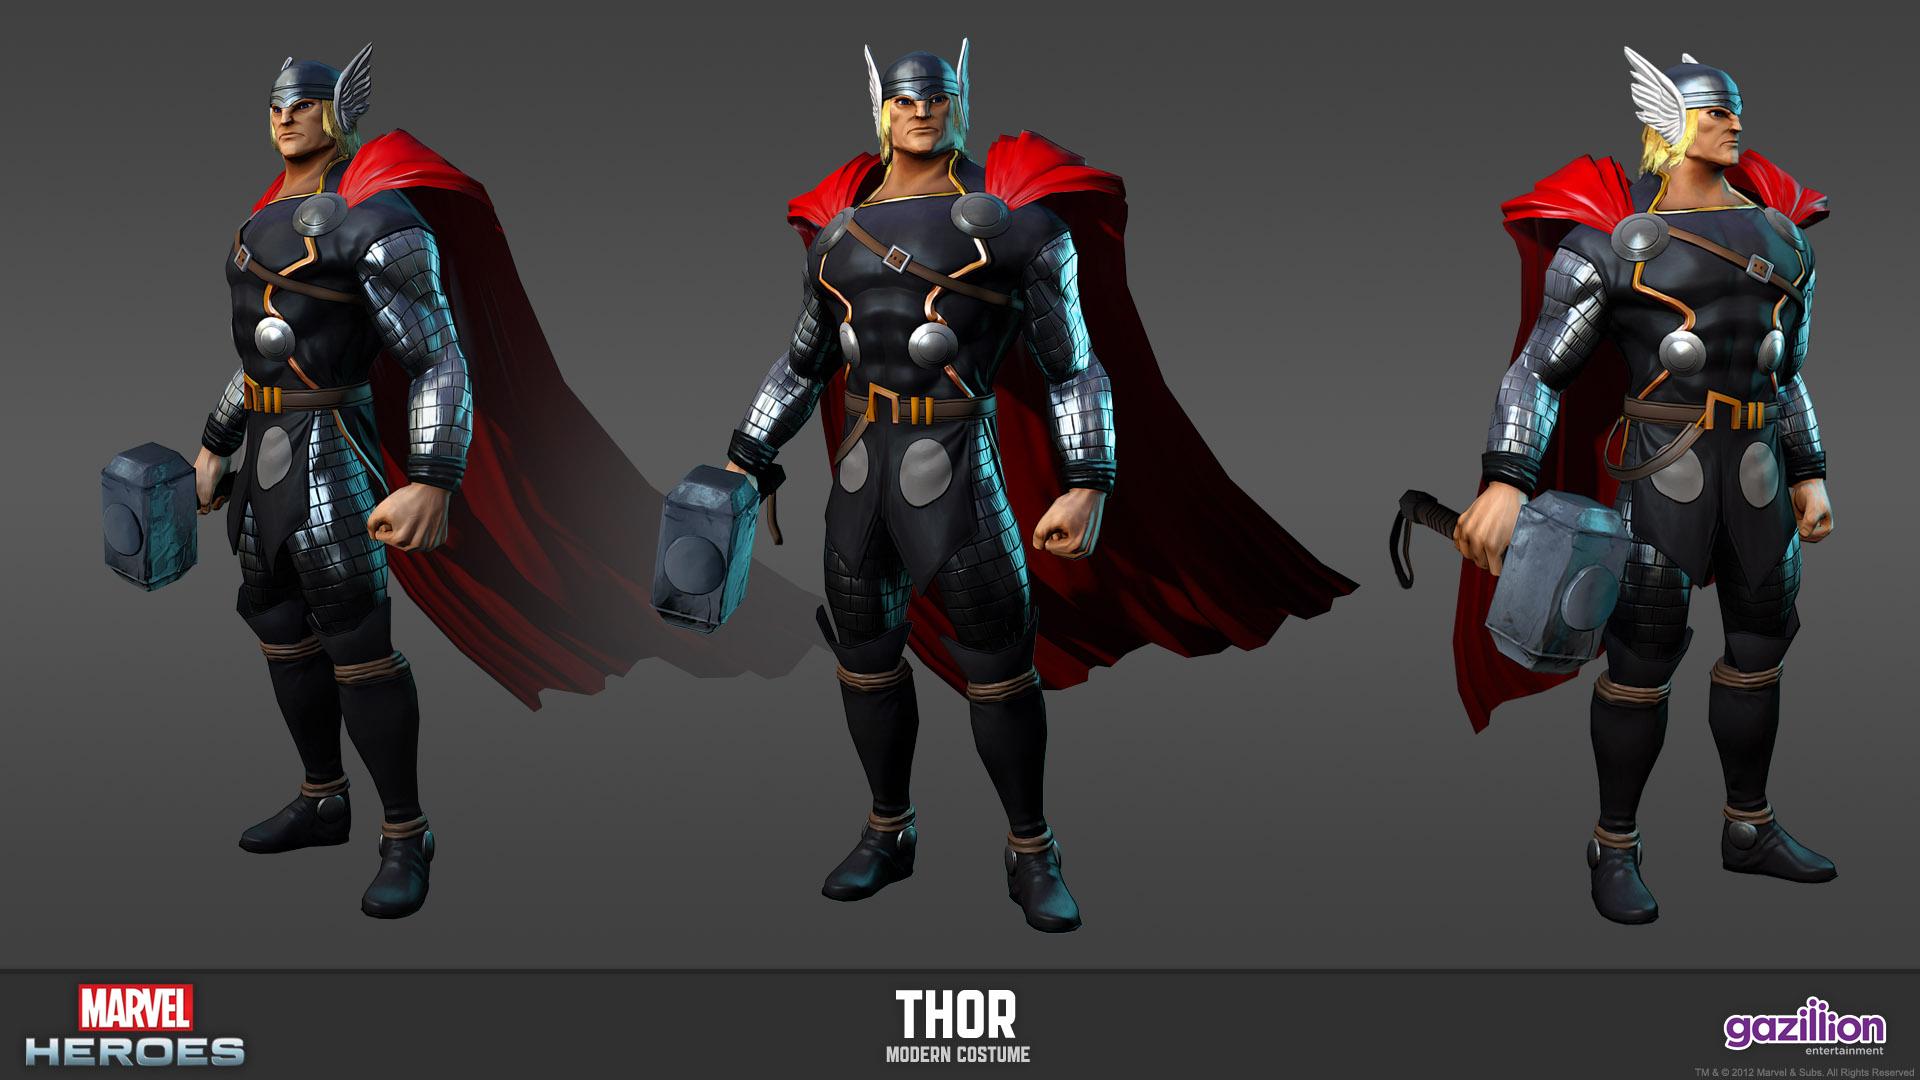 Marvel Heroes Drowns Us In Screenshots